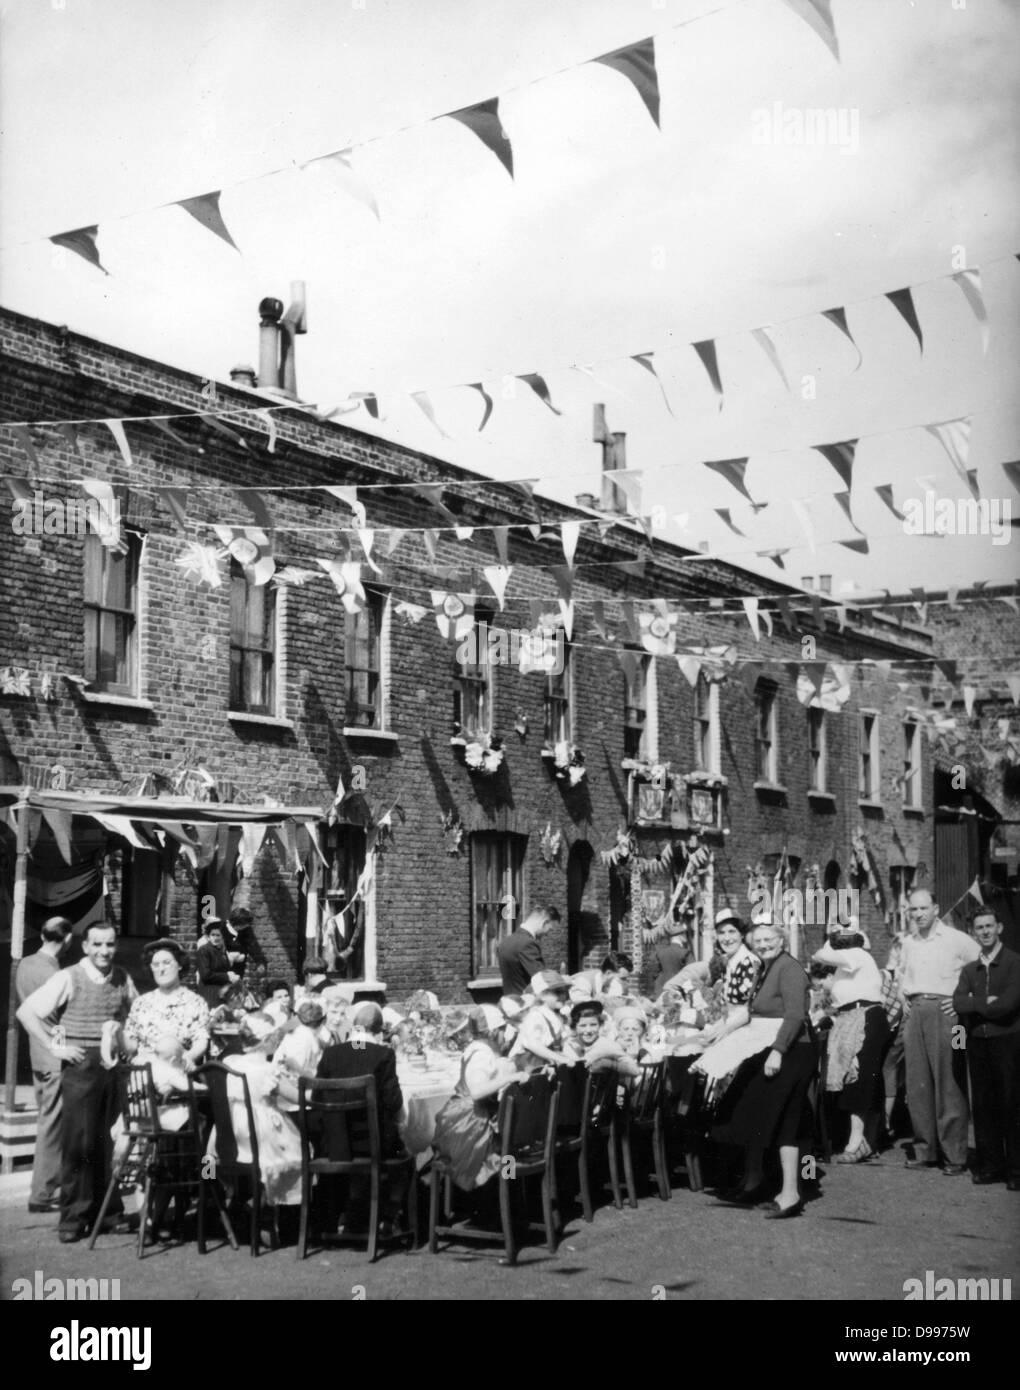 1953 street party in Inghilterra per celebrare l incoronazione della Regina Elisabetta II Immagini Stock